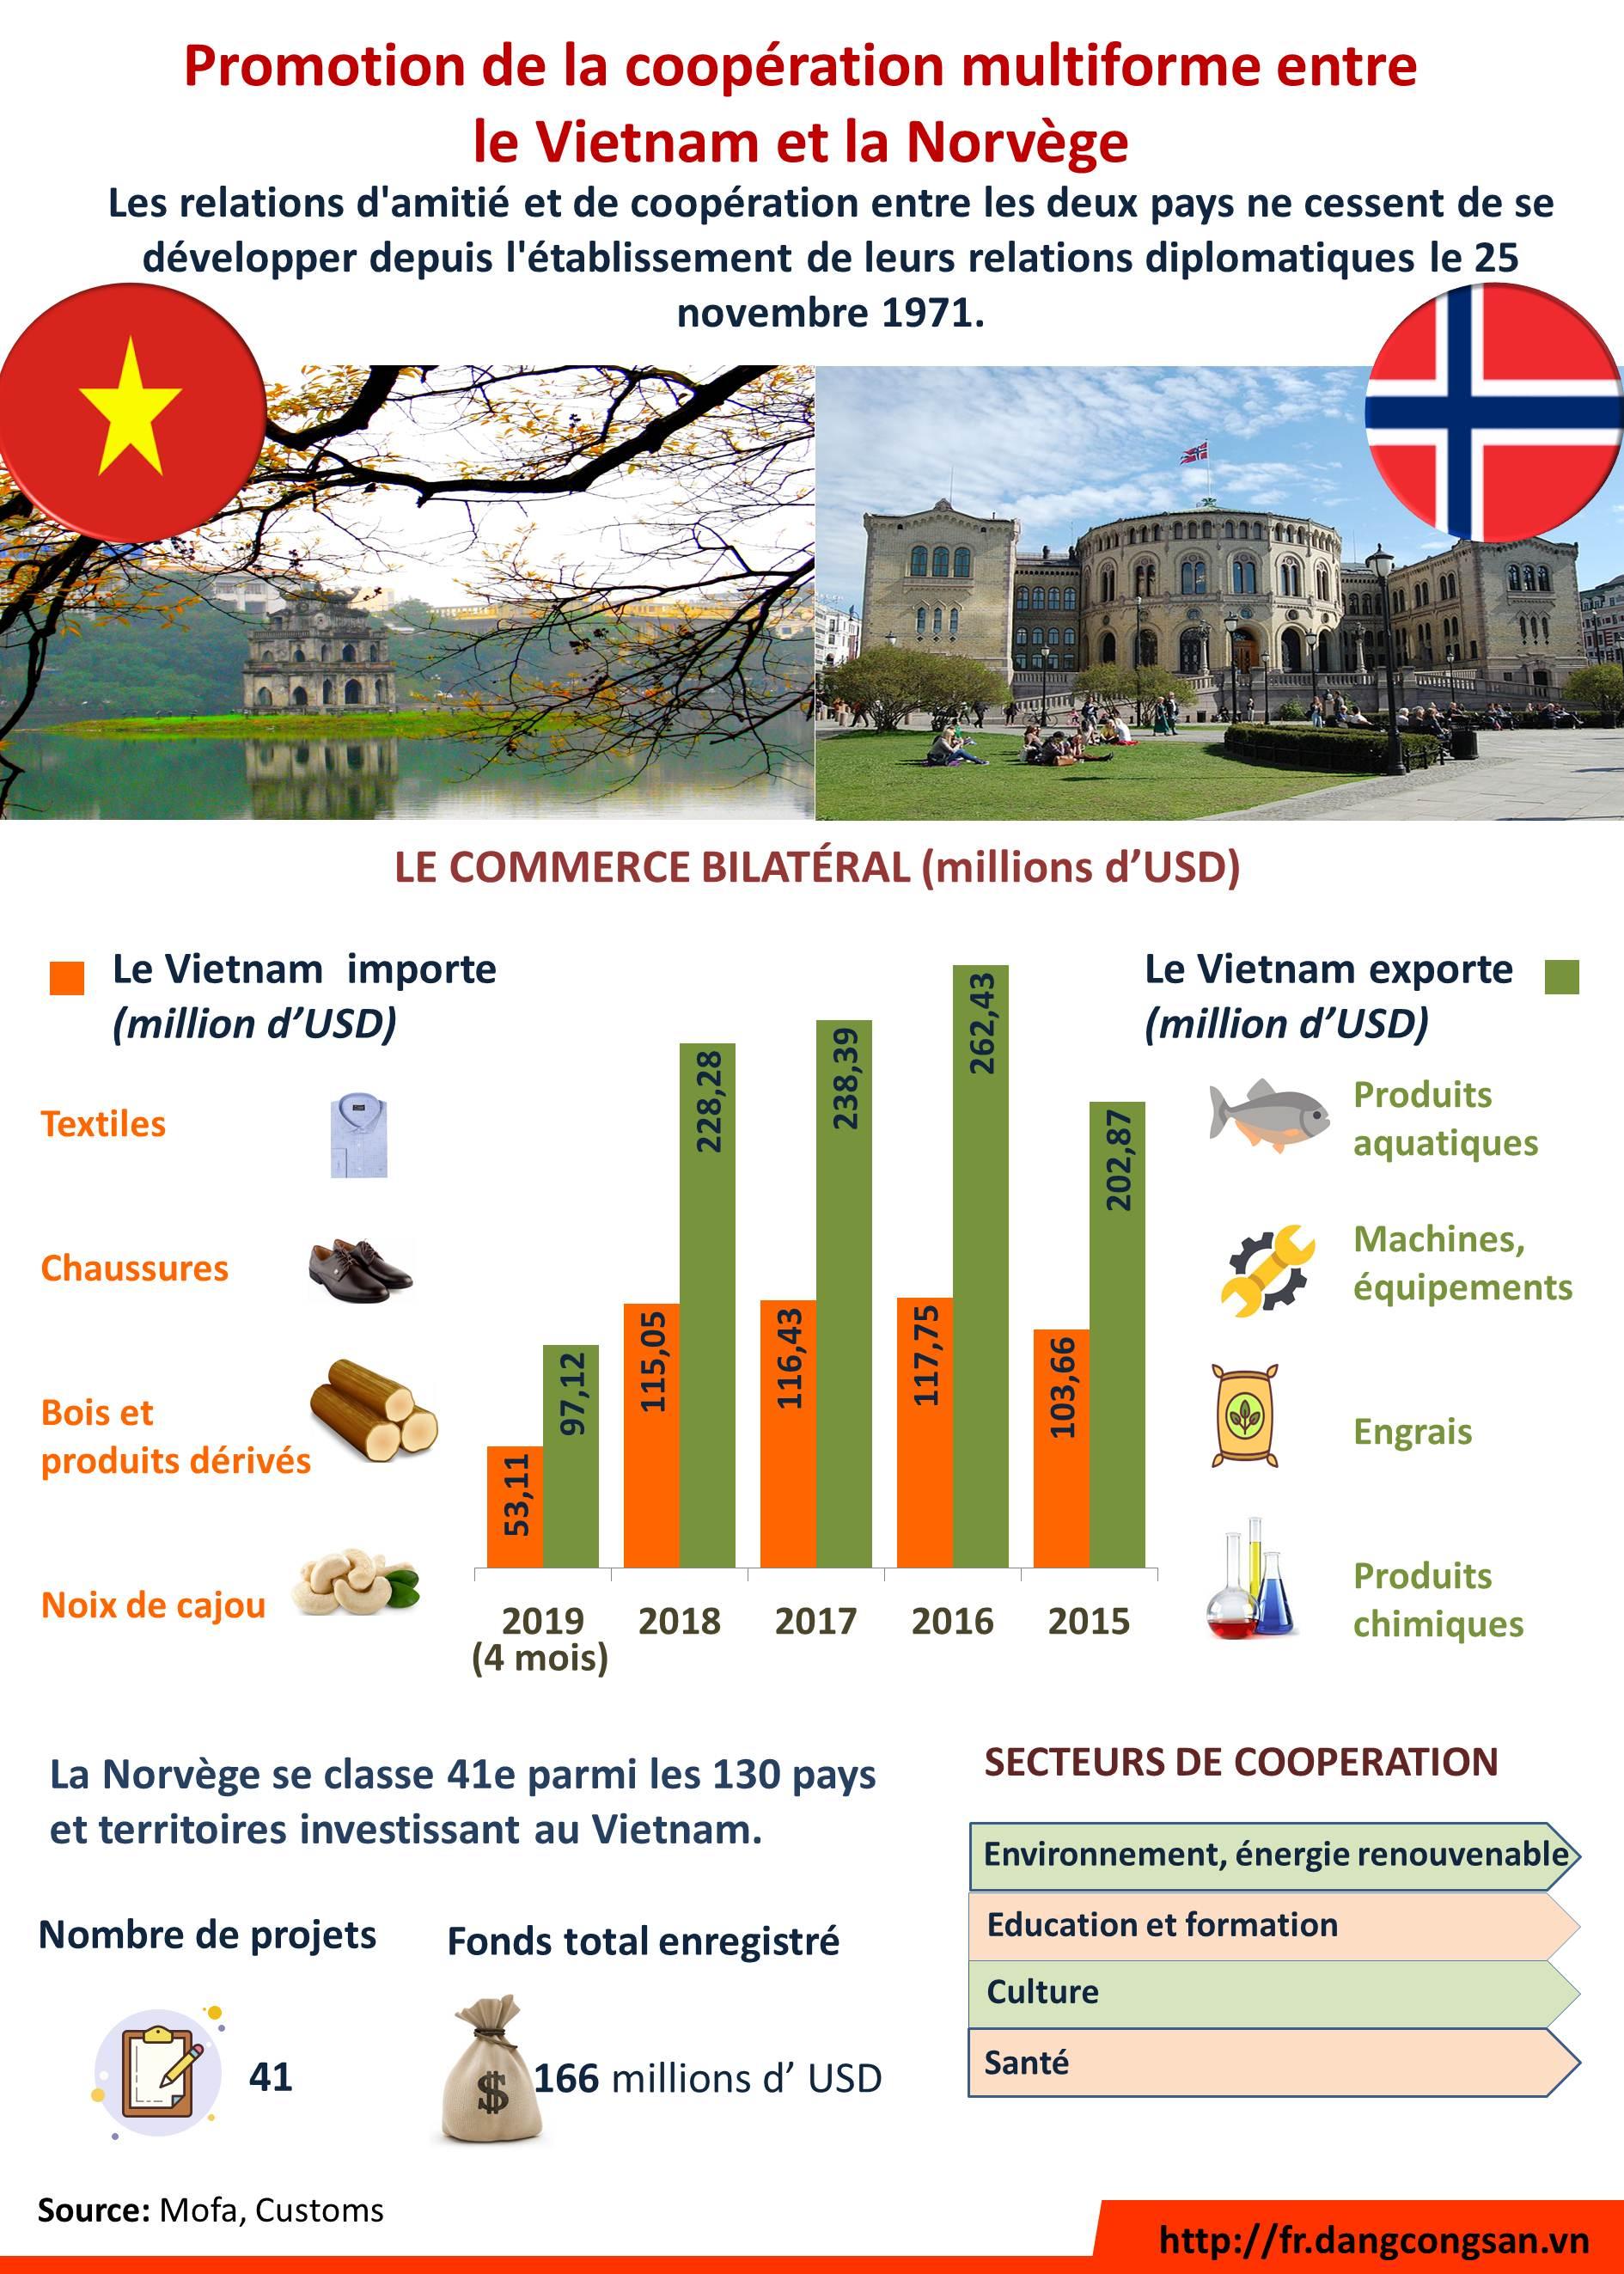 [Infographic] Promotion de la coopération multiforme entre le Vietnam et la Norvège